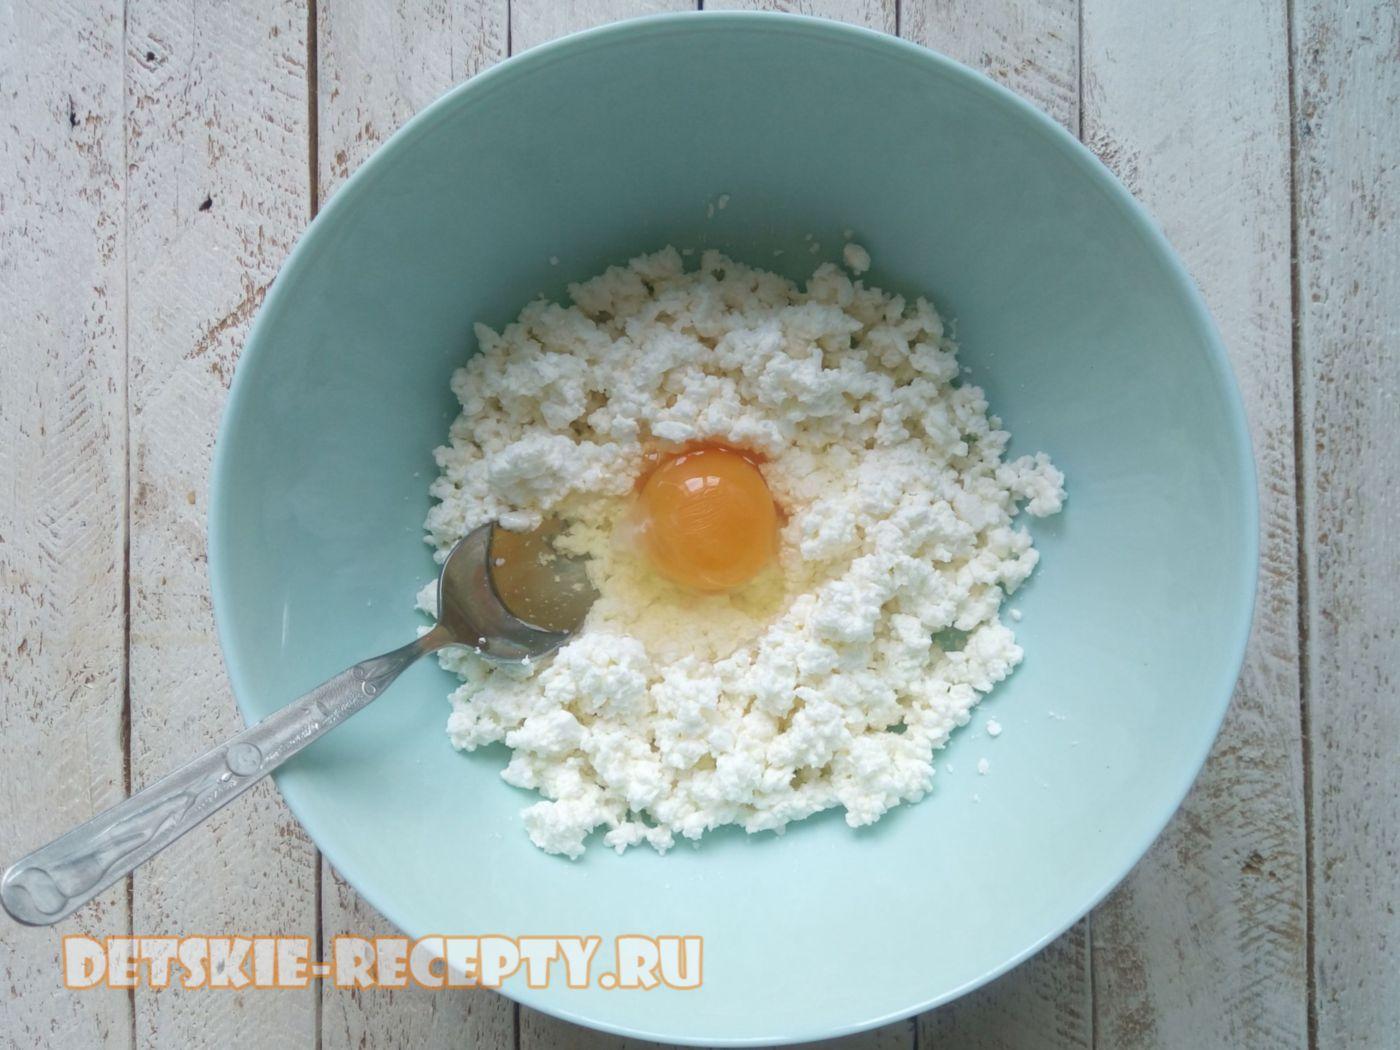 яйцо с творогом